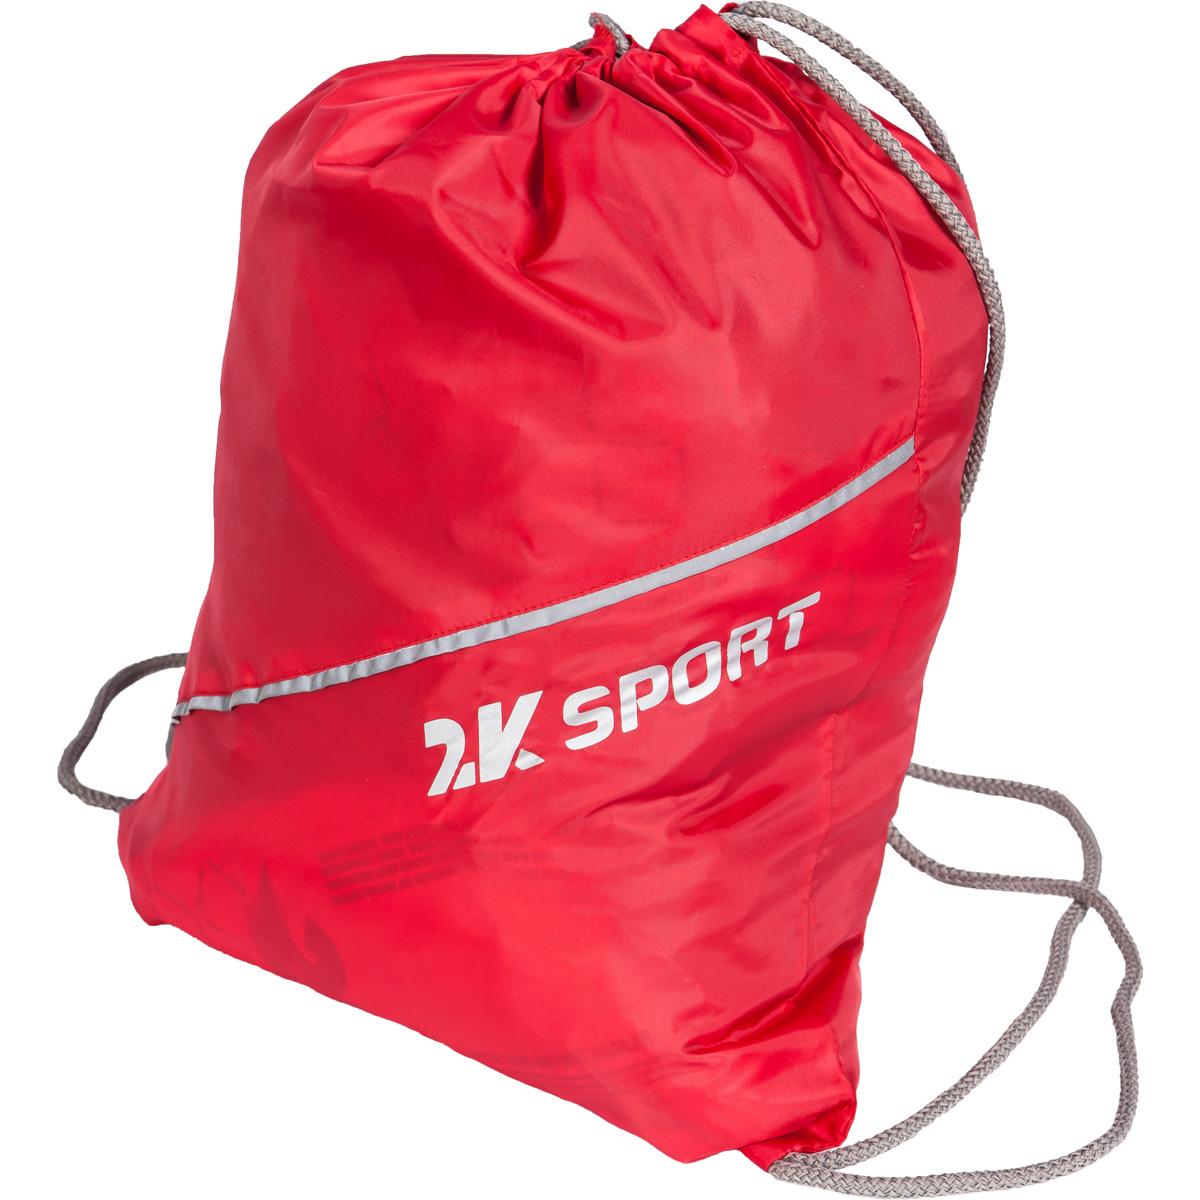 Сумка-мешок для обуви 2K Sport Team, цвет: красный128136-redМешок для обуви 2K Sport Team изготовлен из высококачественного прочного текстиля. Мешок имеет одно отделение, закрывающееся стягивающимся шнуром. Плотная прочная ткань надежно защитит обувь от непогоды, а удобные петли шнура позволят носить мешок как в руках, так и за спиной.